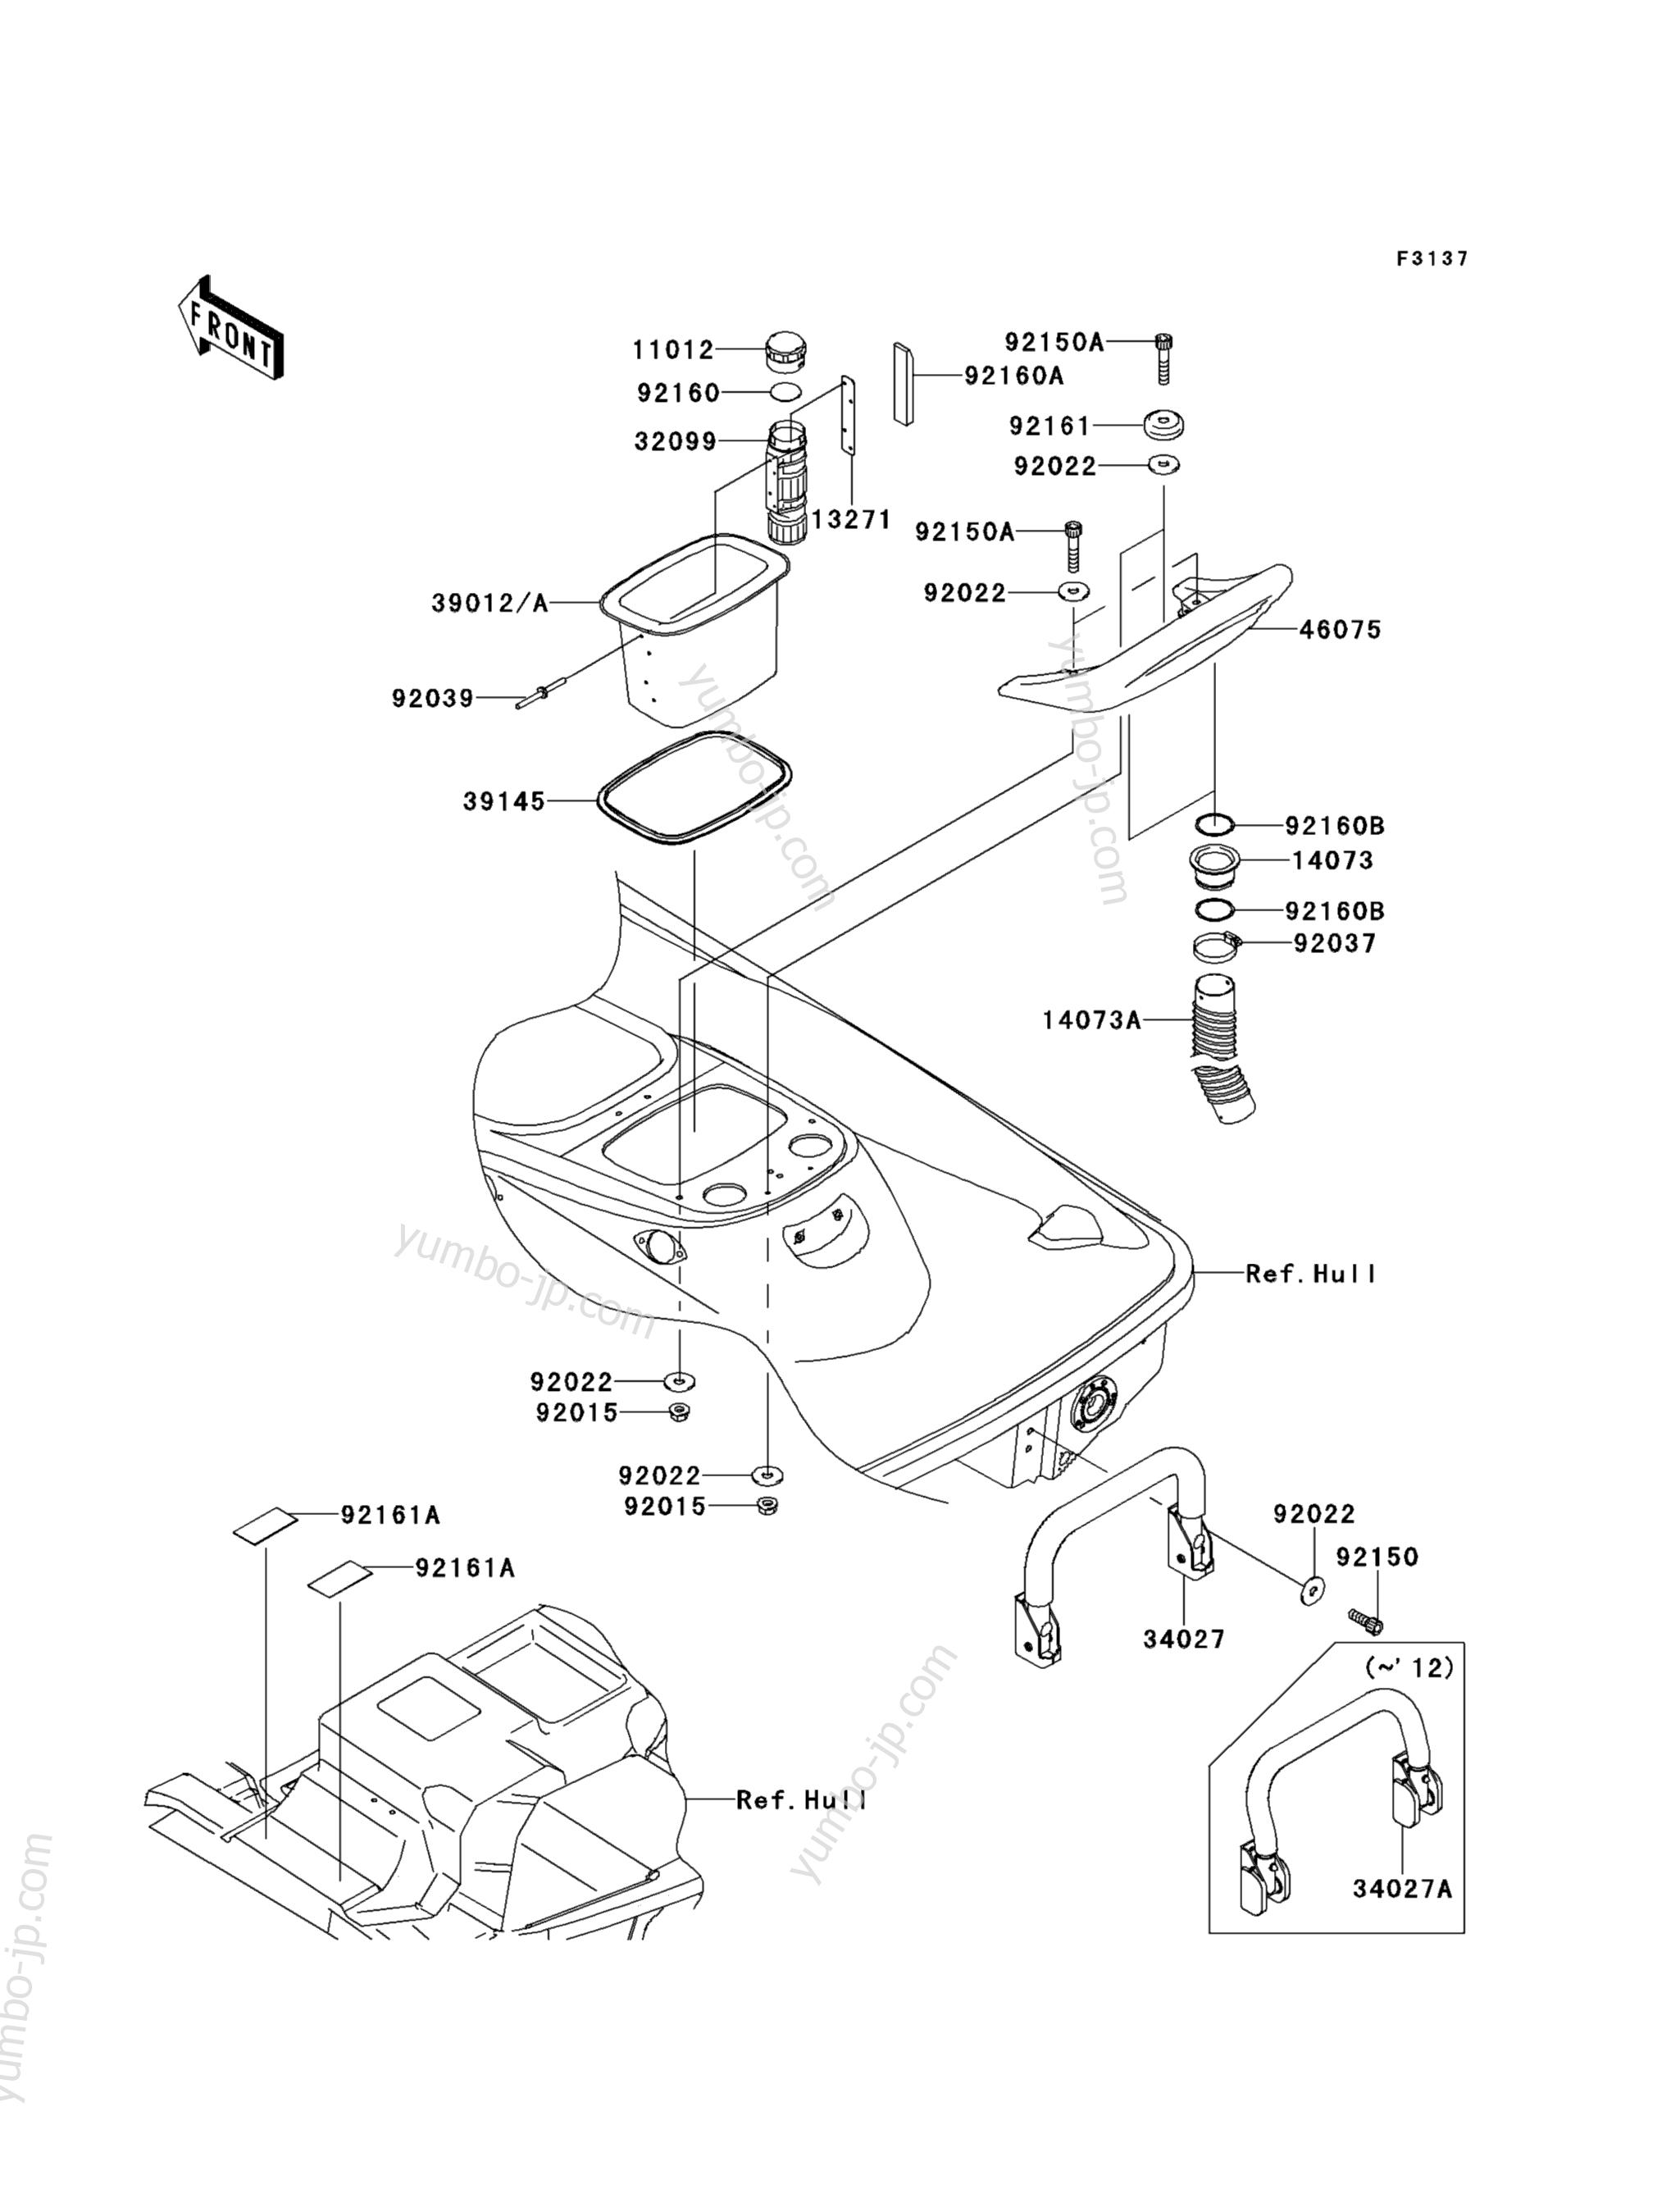 Hull Rear Fittings для гидроцикла KAWASAKI JET SKI STX-15F (JT1500ADF) 2013 г.